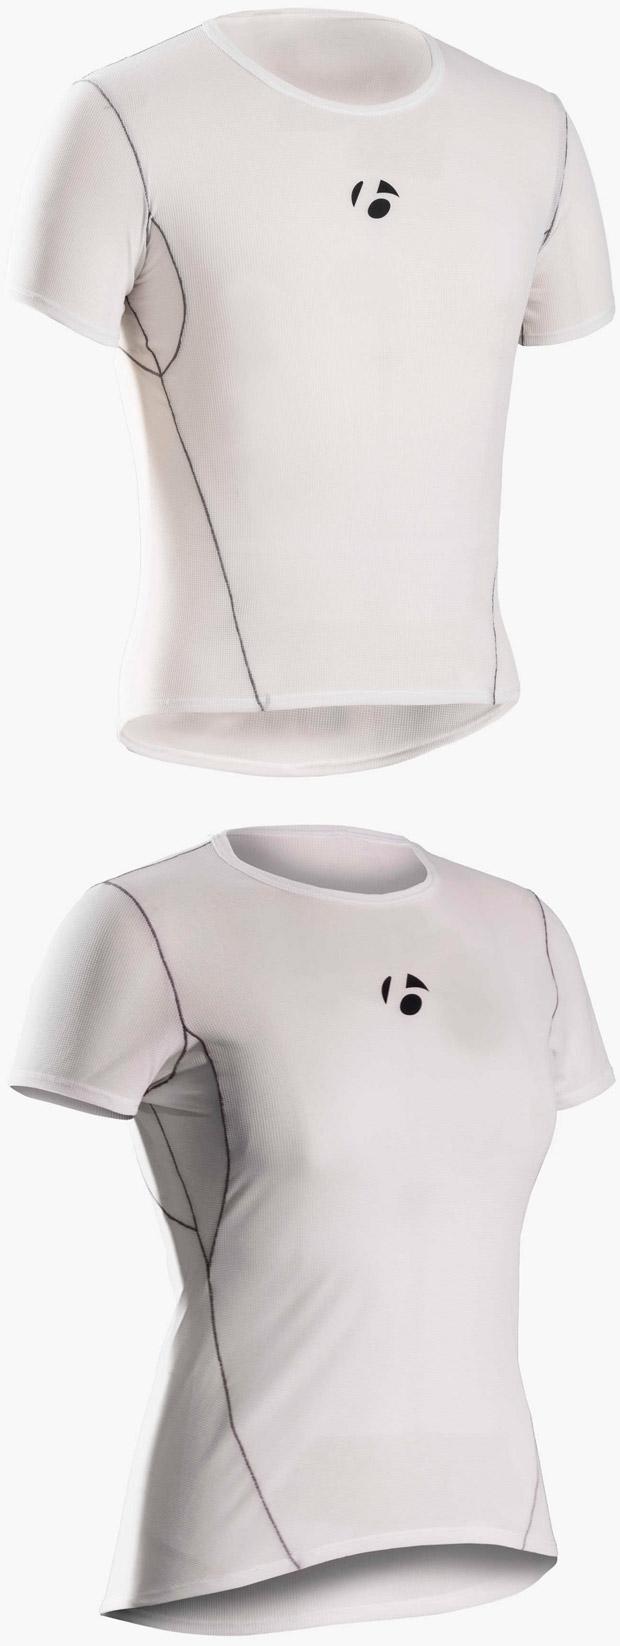 En TodoMountainBike: Máximo rendimiento térmico con las camisetas interiores para ciclistas de Bontrager